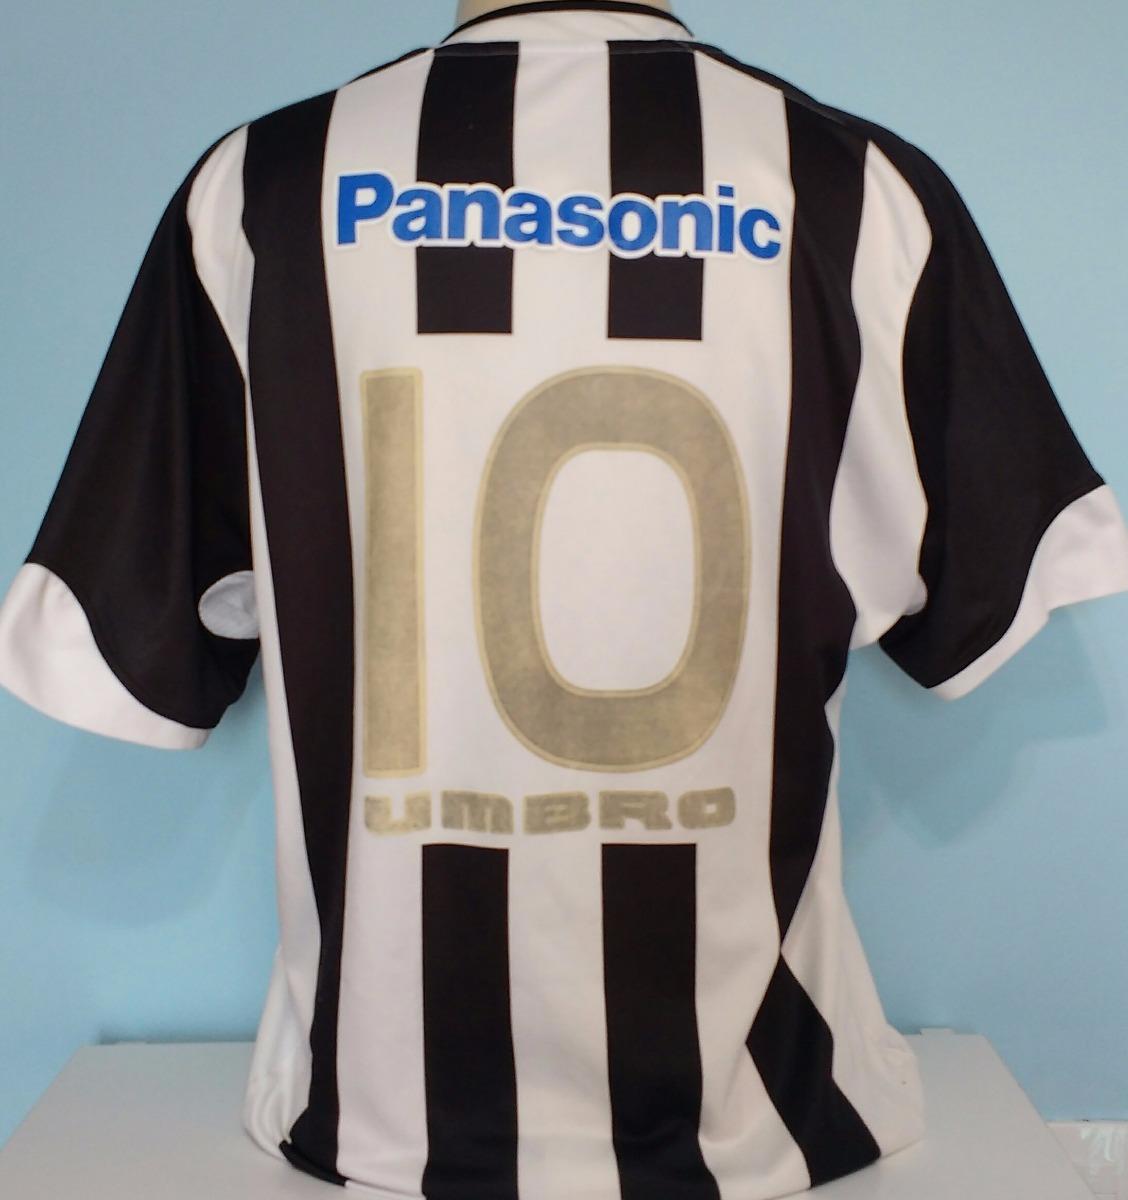 70a8556208 Camisa Santos Original Umbro Patch Cbf Panasonic 2005 - 78 - R  149 ...